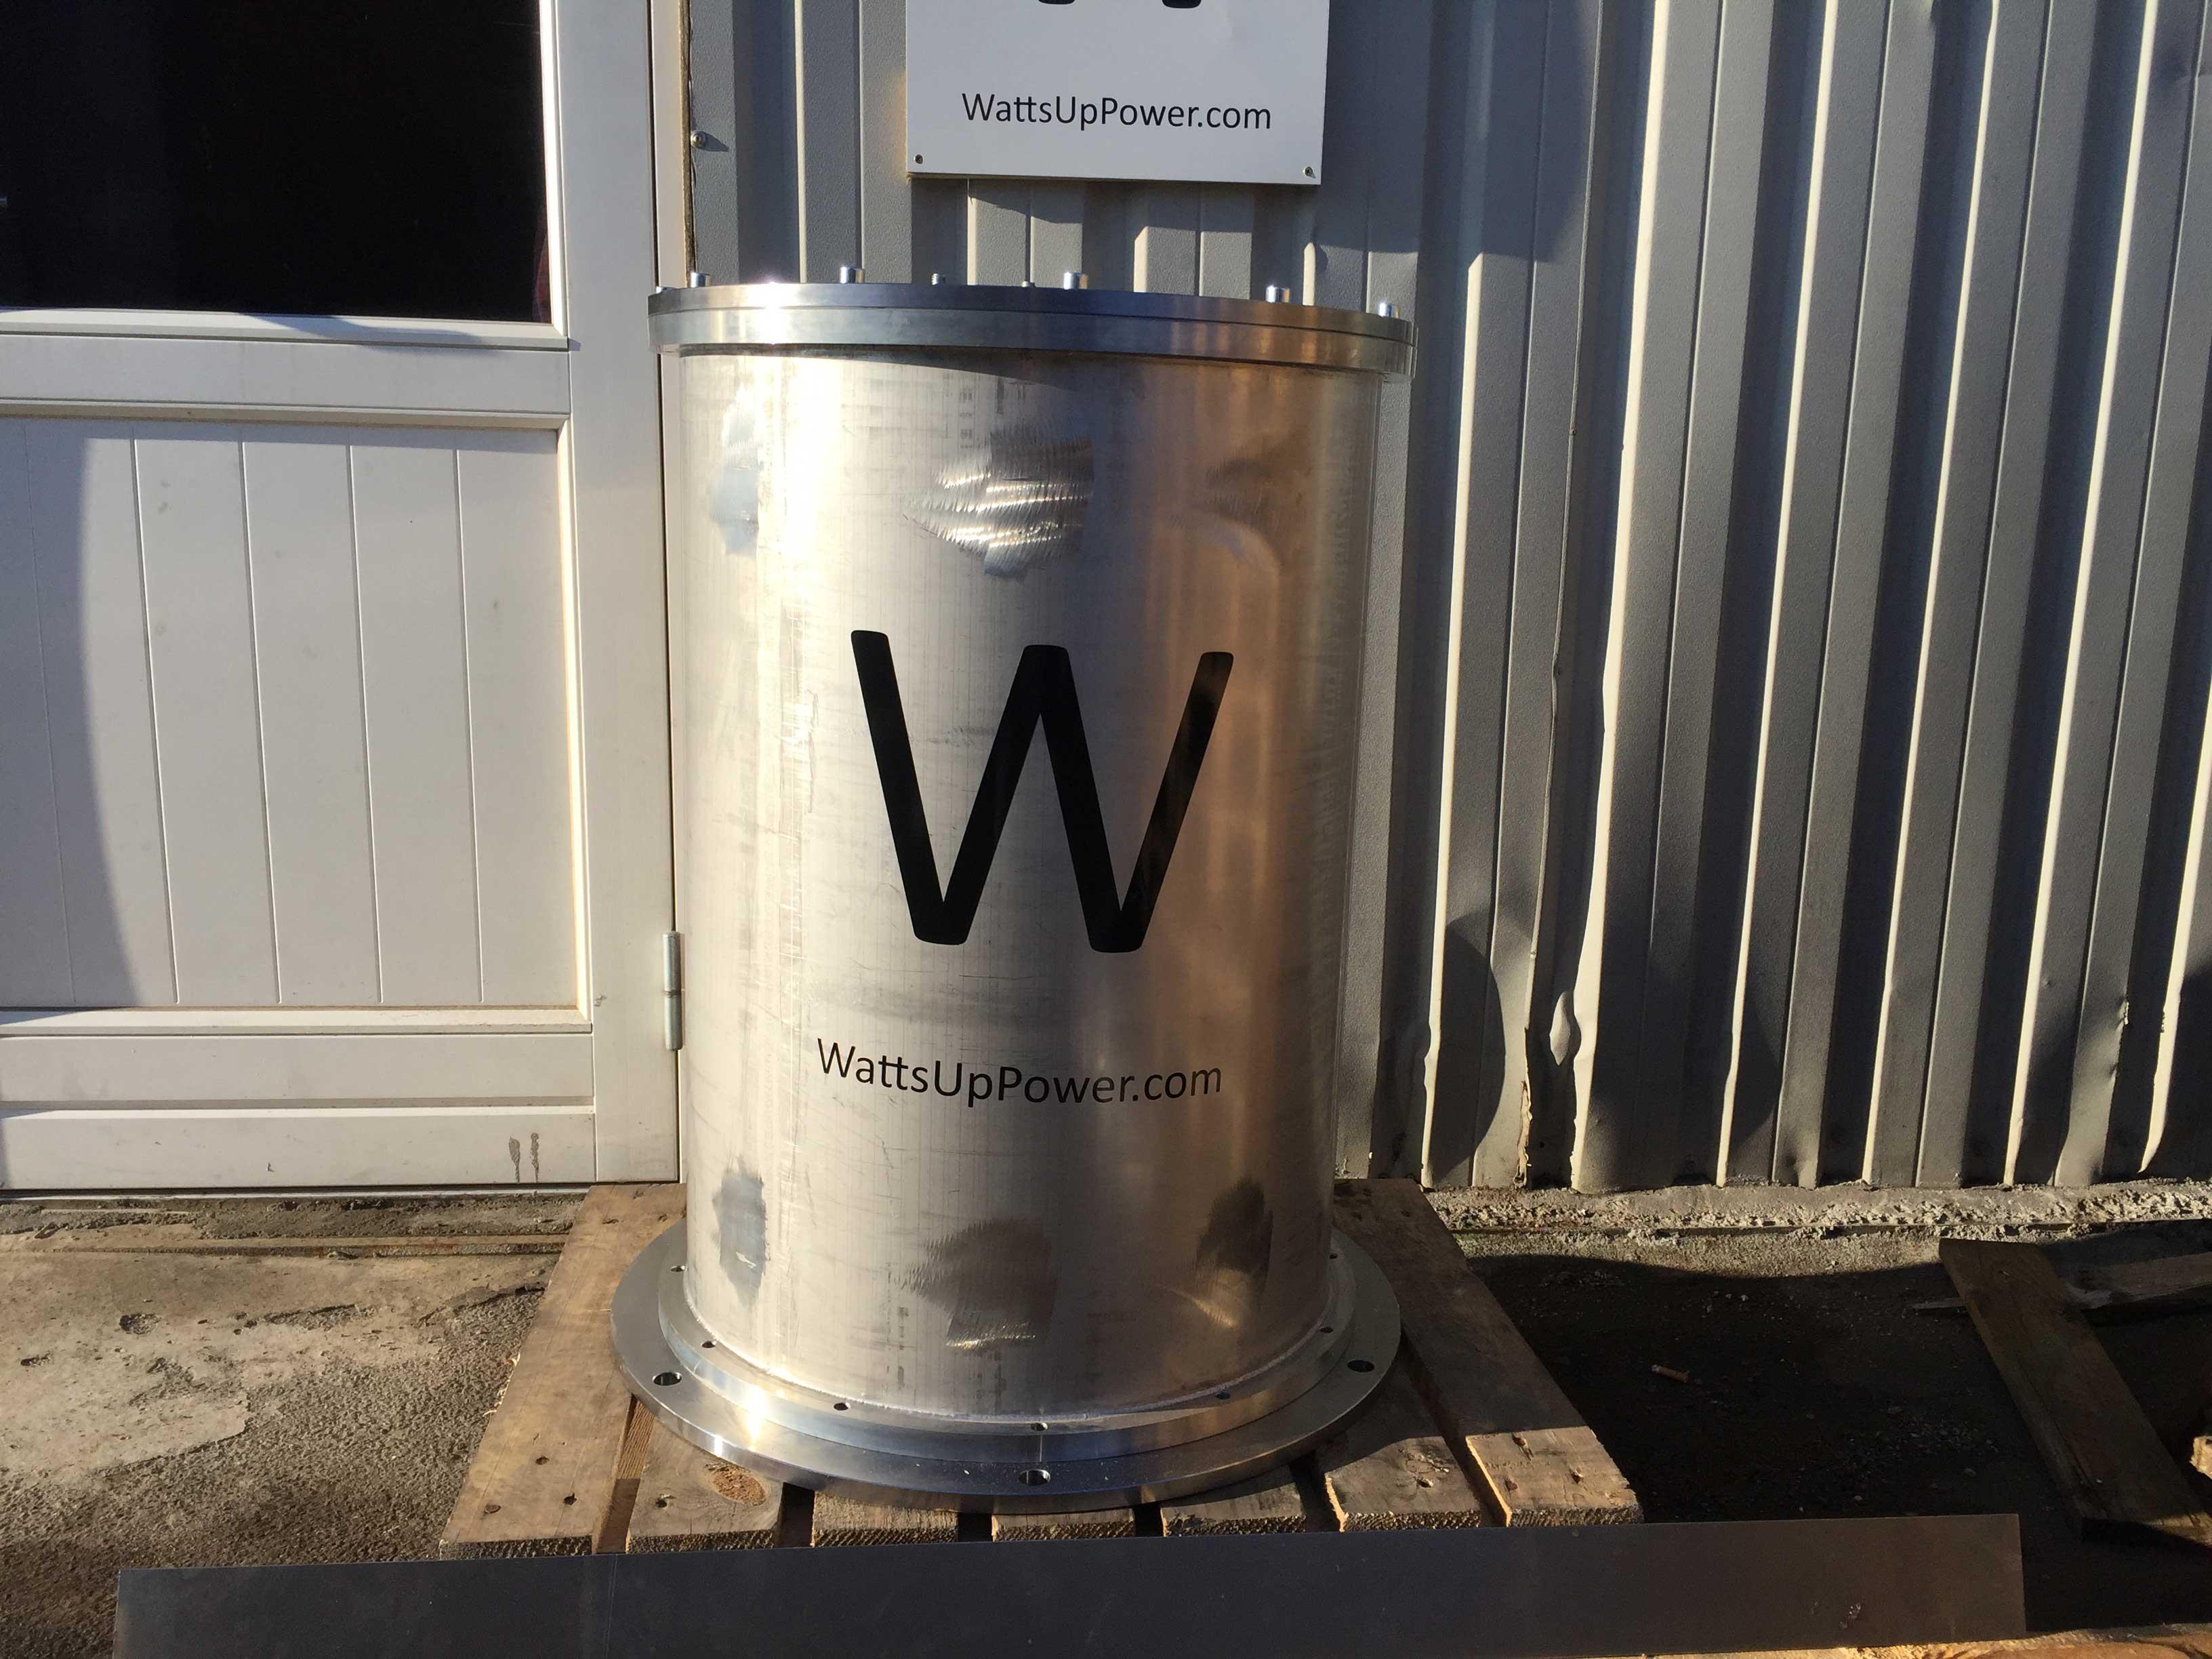 Wattsup power